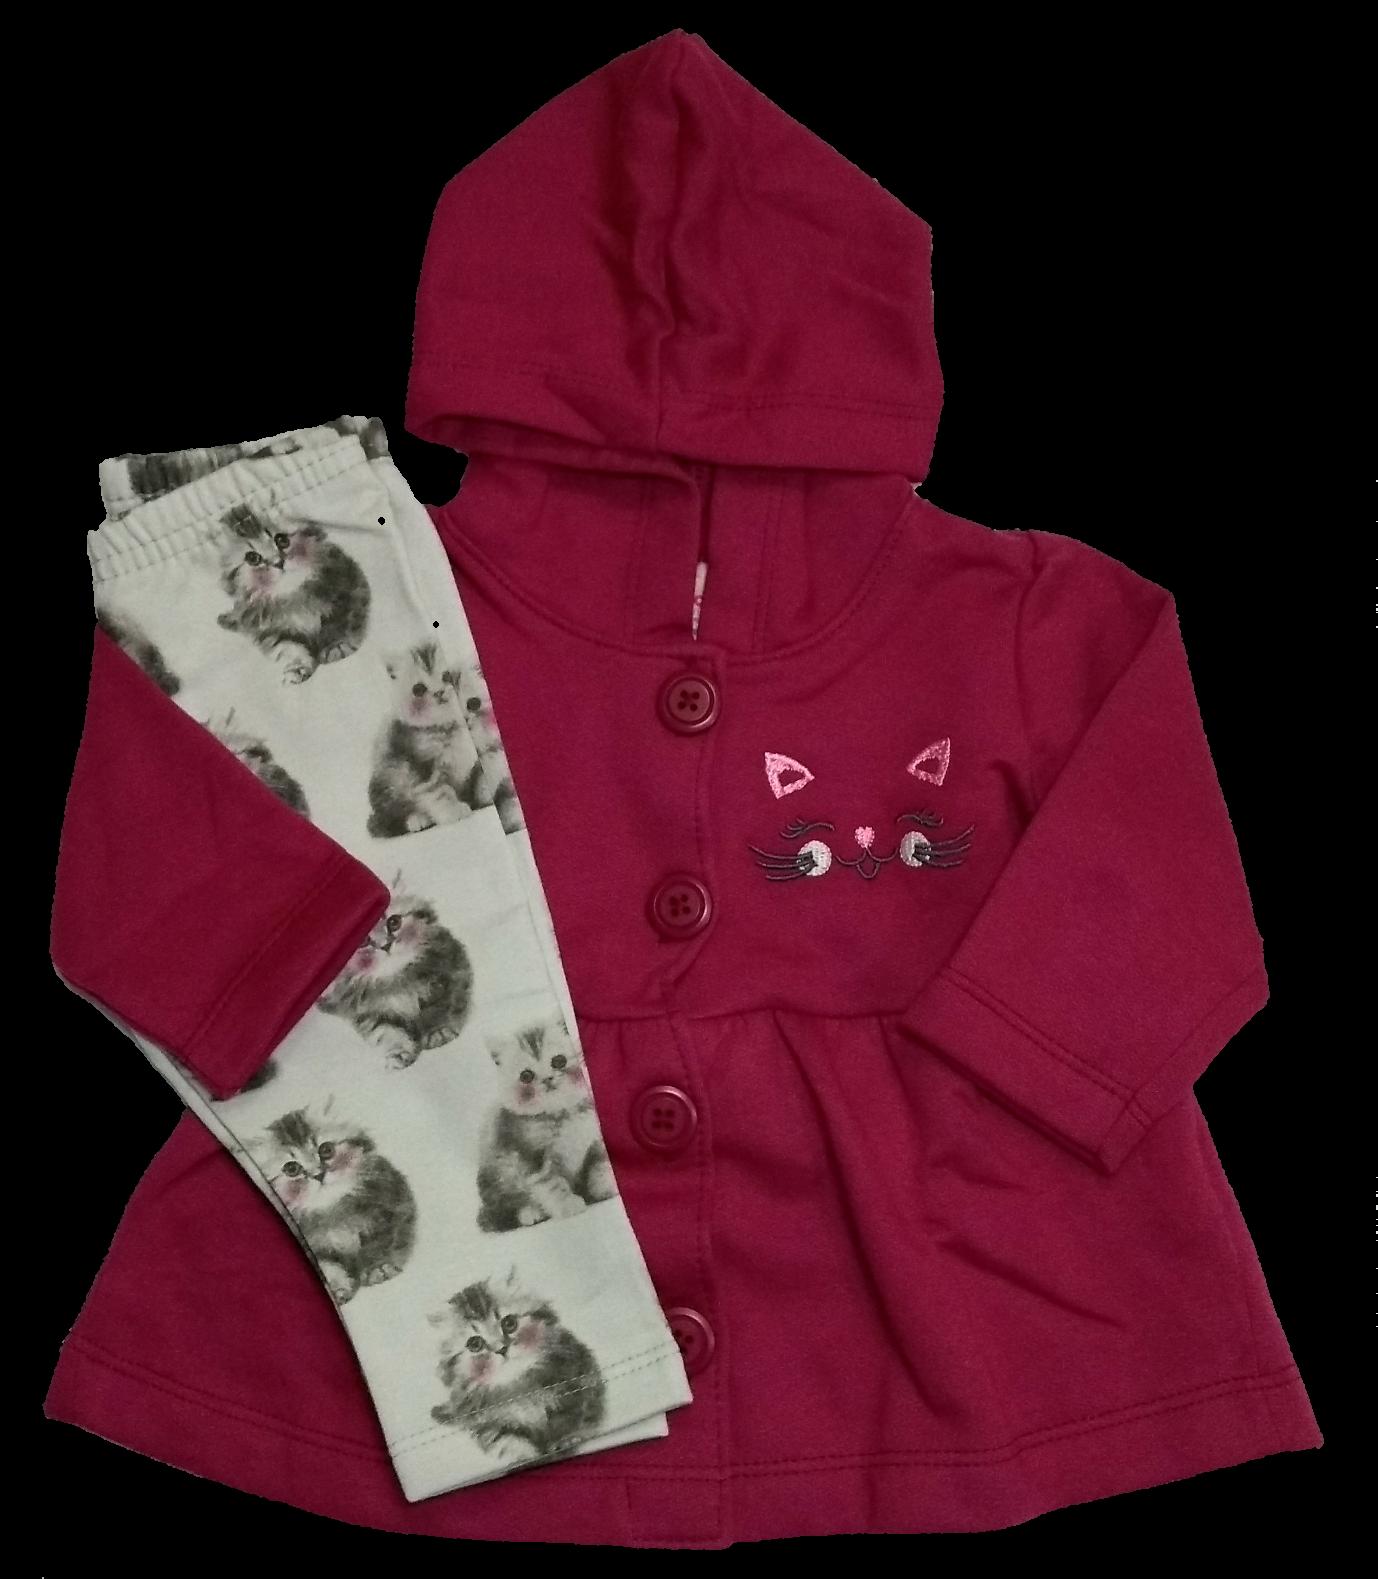 Conjunto de frio infantil Moletom Bebê menina Composto por Casaco Moletom e  Calça legging Flanelada Casaco 0b5537658b9